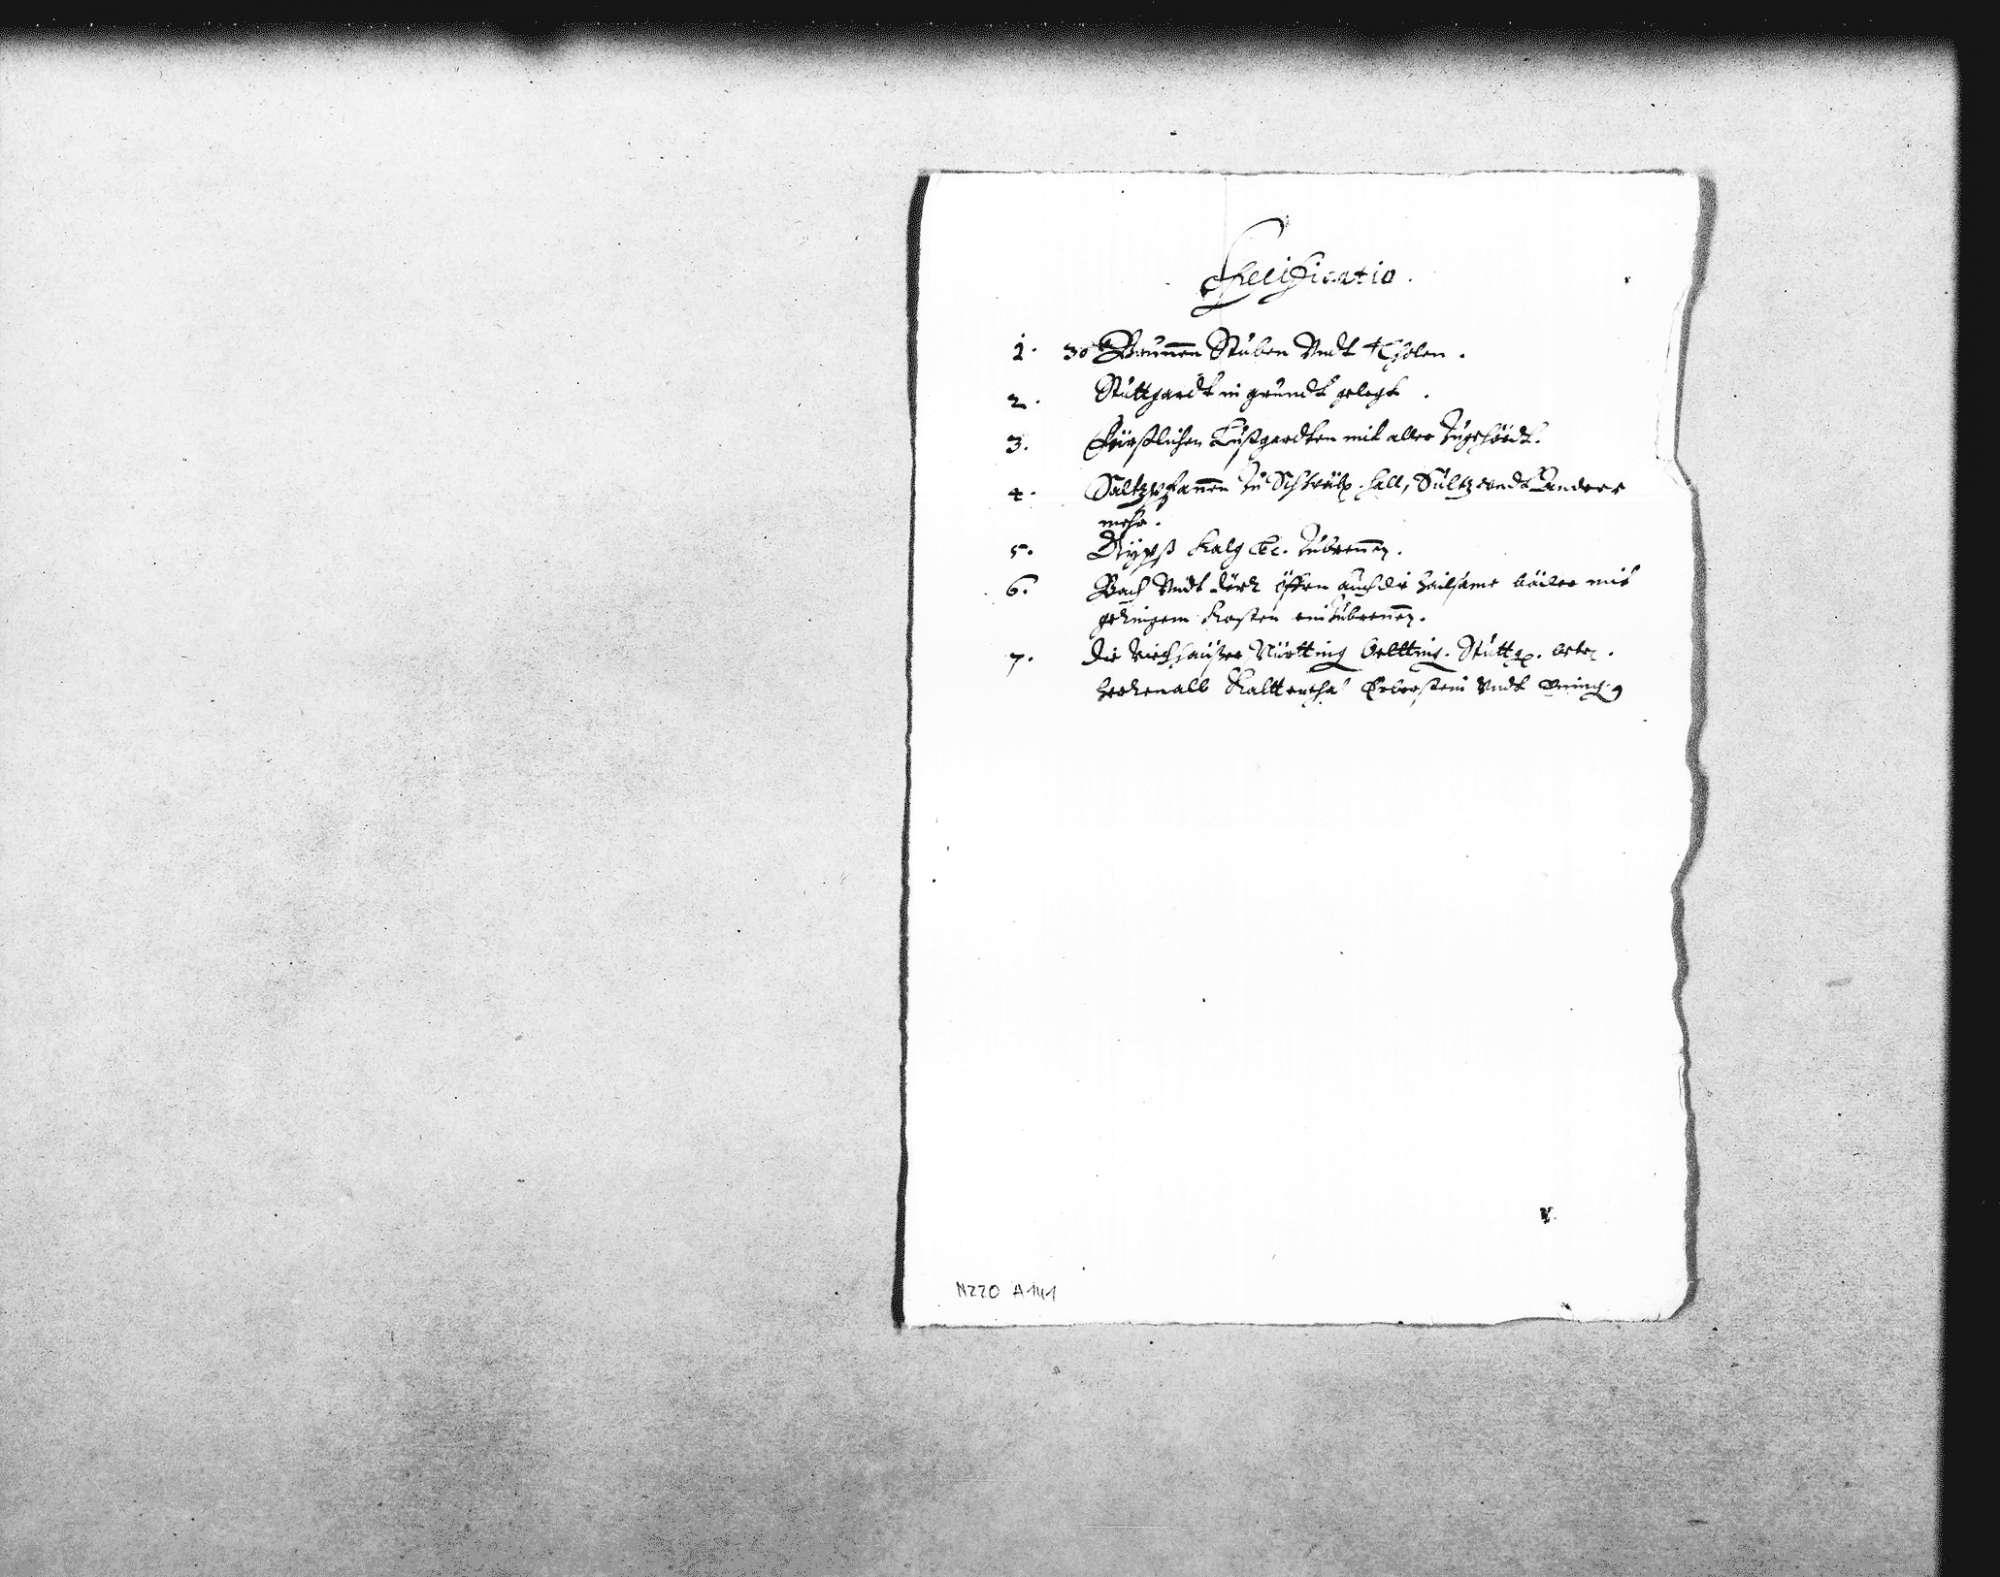 Johann Martin Hiller, Ehemann der Enkelin Heinrich Schickhardts, bietet dem Herzog Eberhard bzw. der Rentkammer die Sammlung von Manuskripten und Plänen Heinrich Schickhardts an, Bild 3